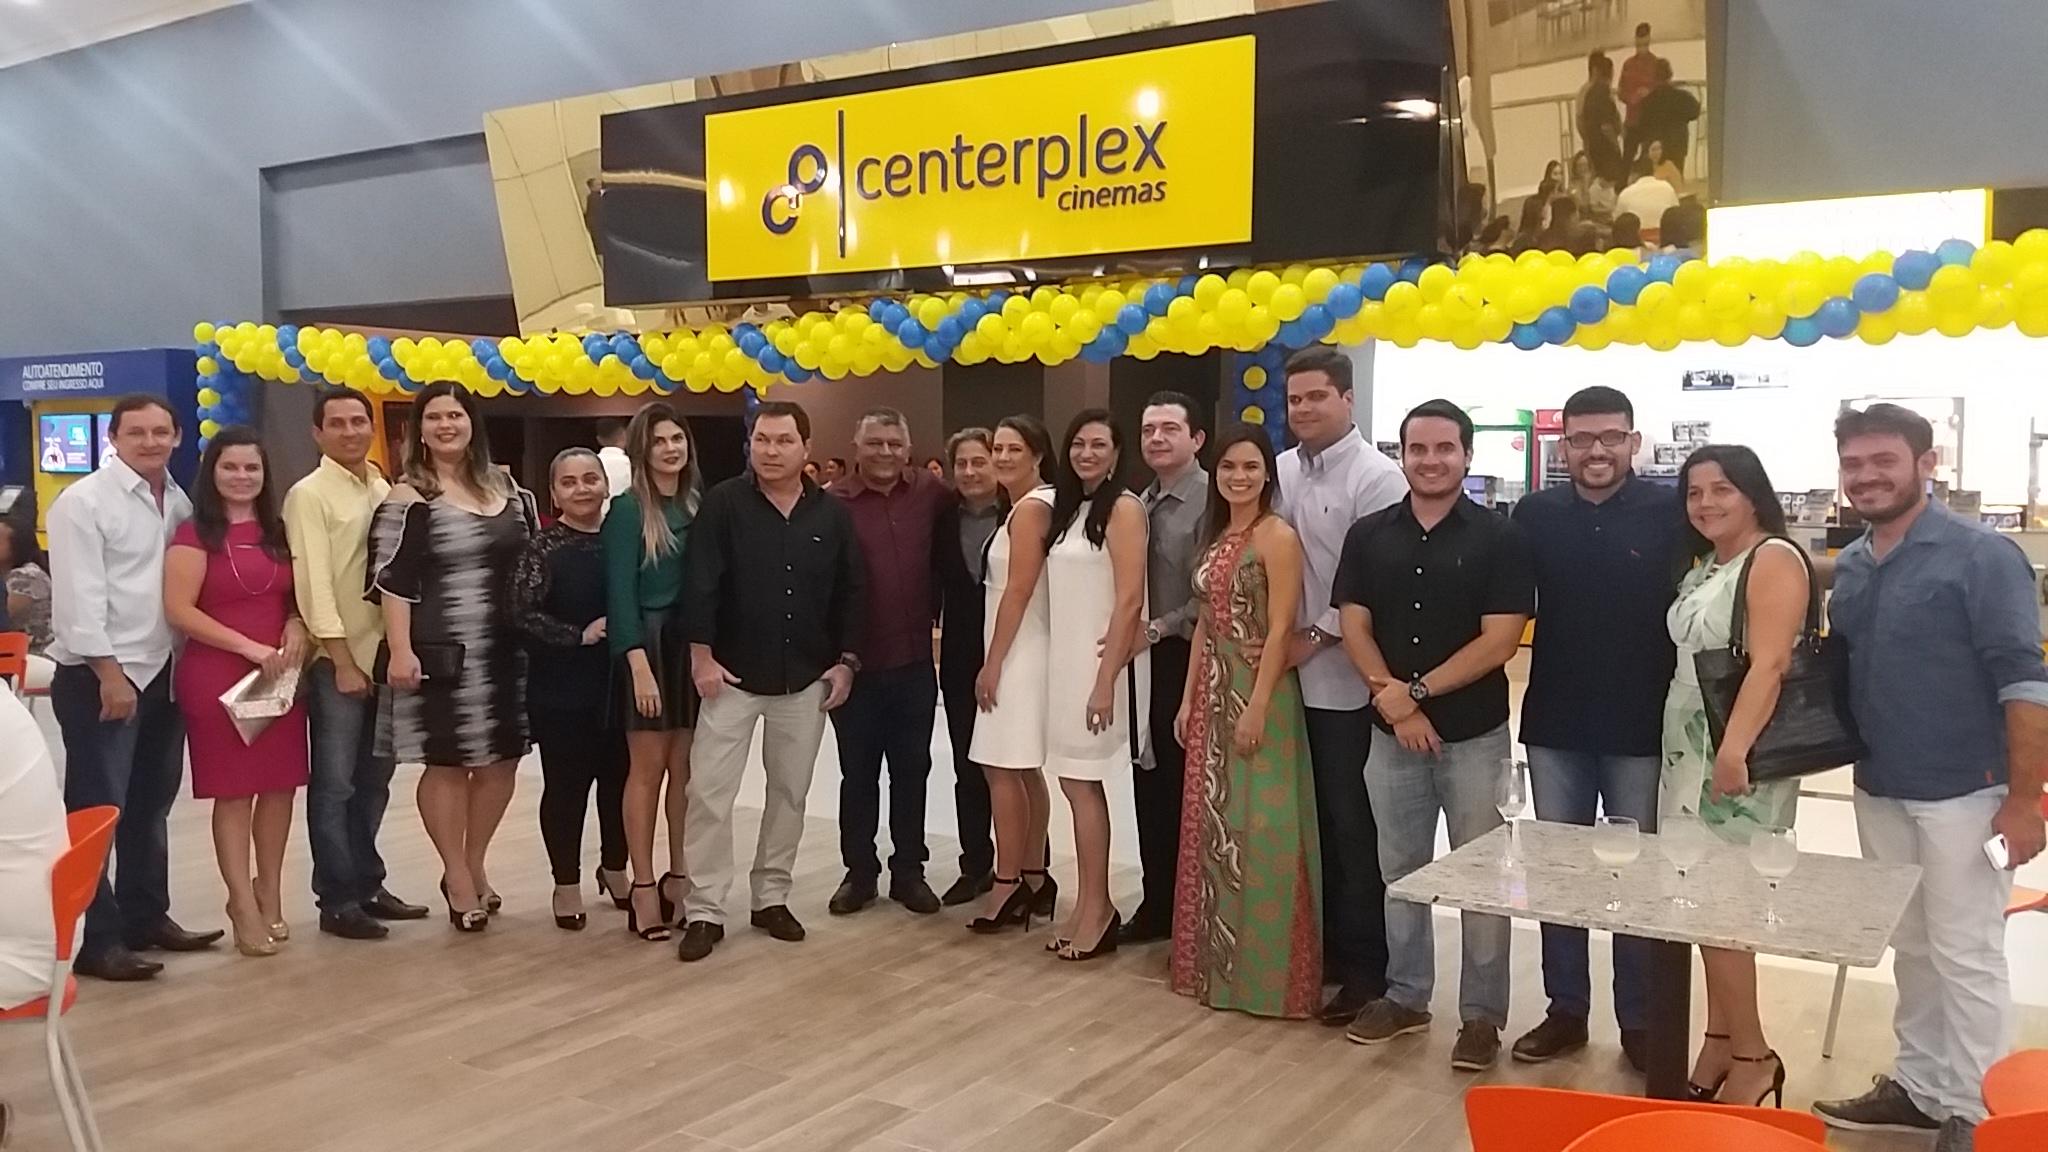 Coquetel de inauguração do Centerplex Cinemas em Maranguape-CE. Foto Dadynha Saturnino (36)